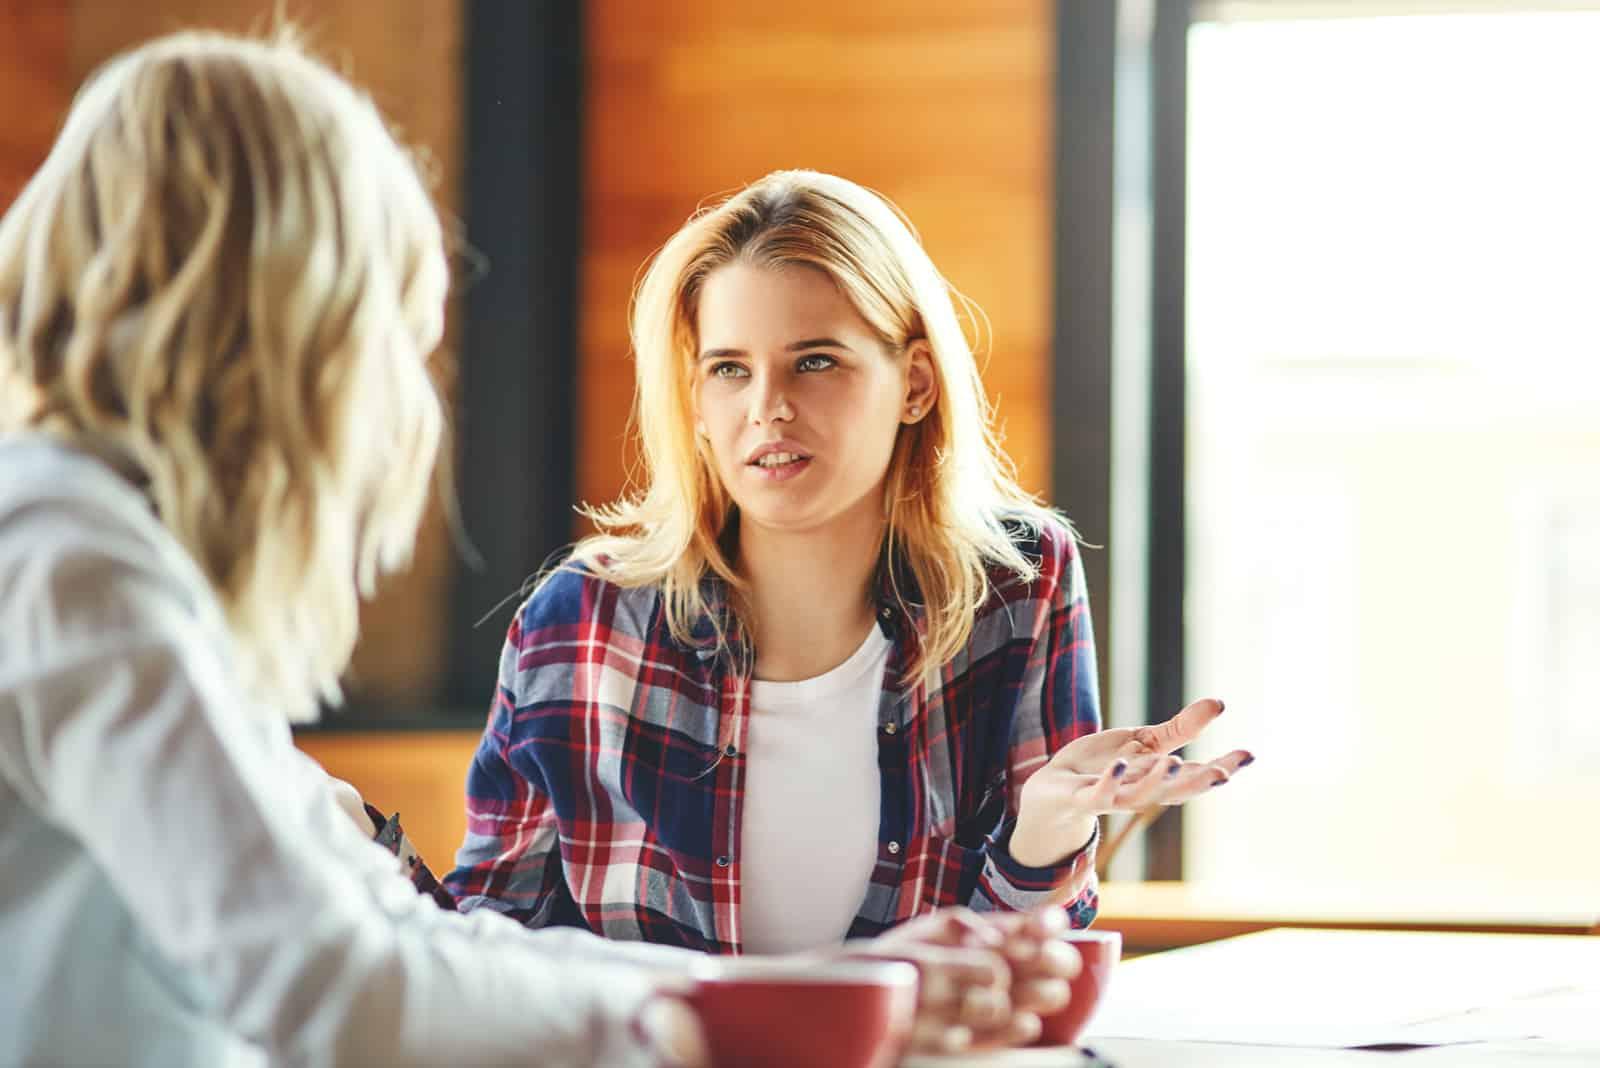 femme blonde qui parle en étant assise à une table